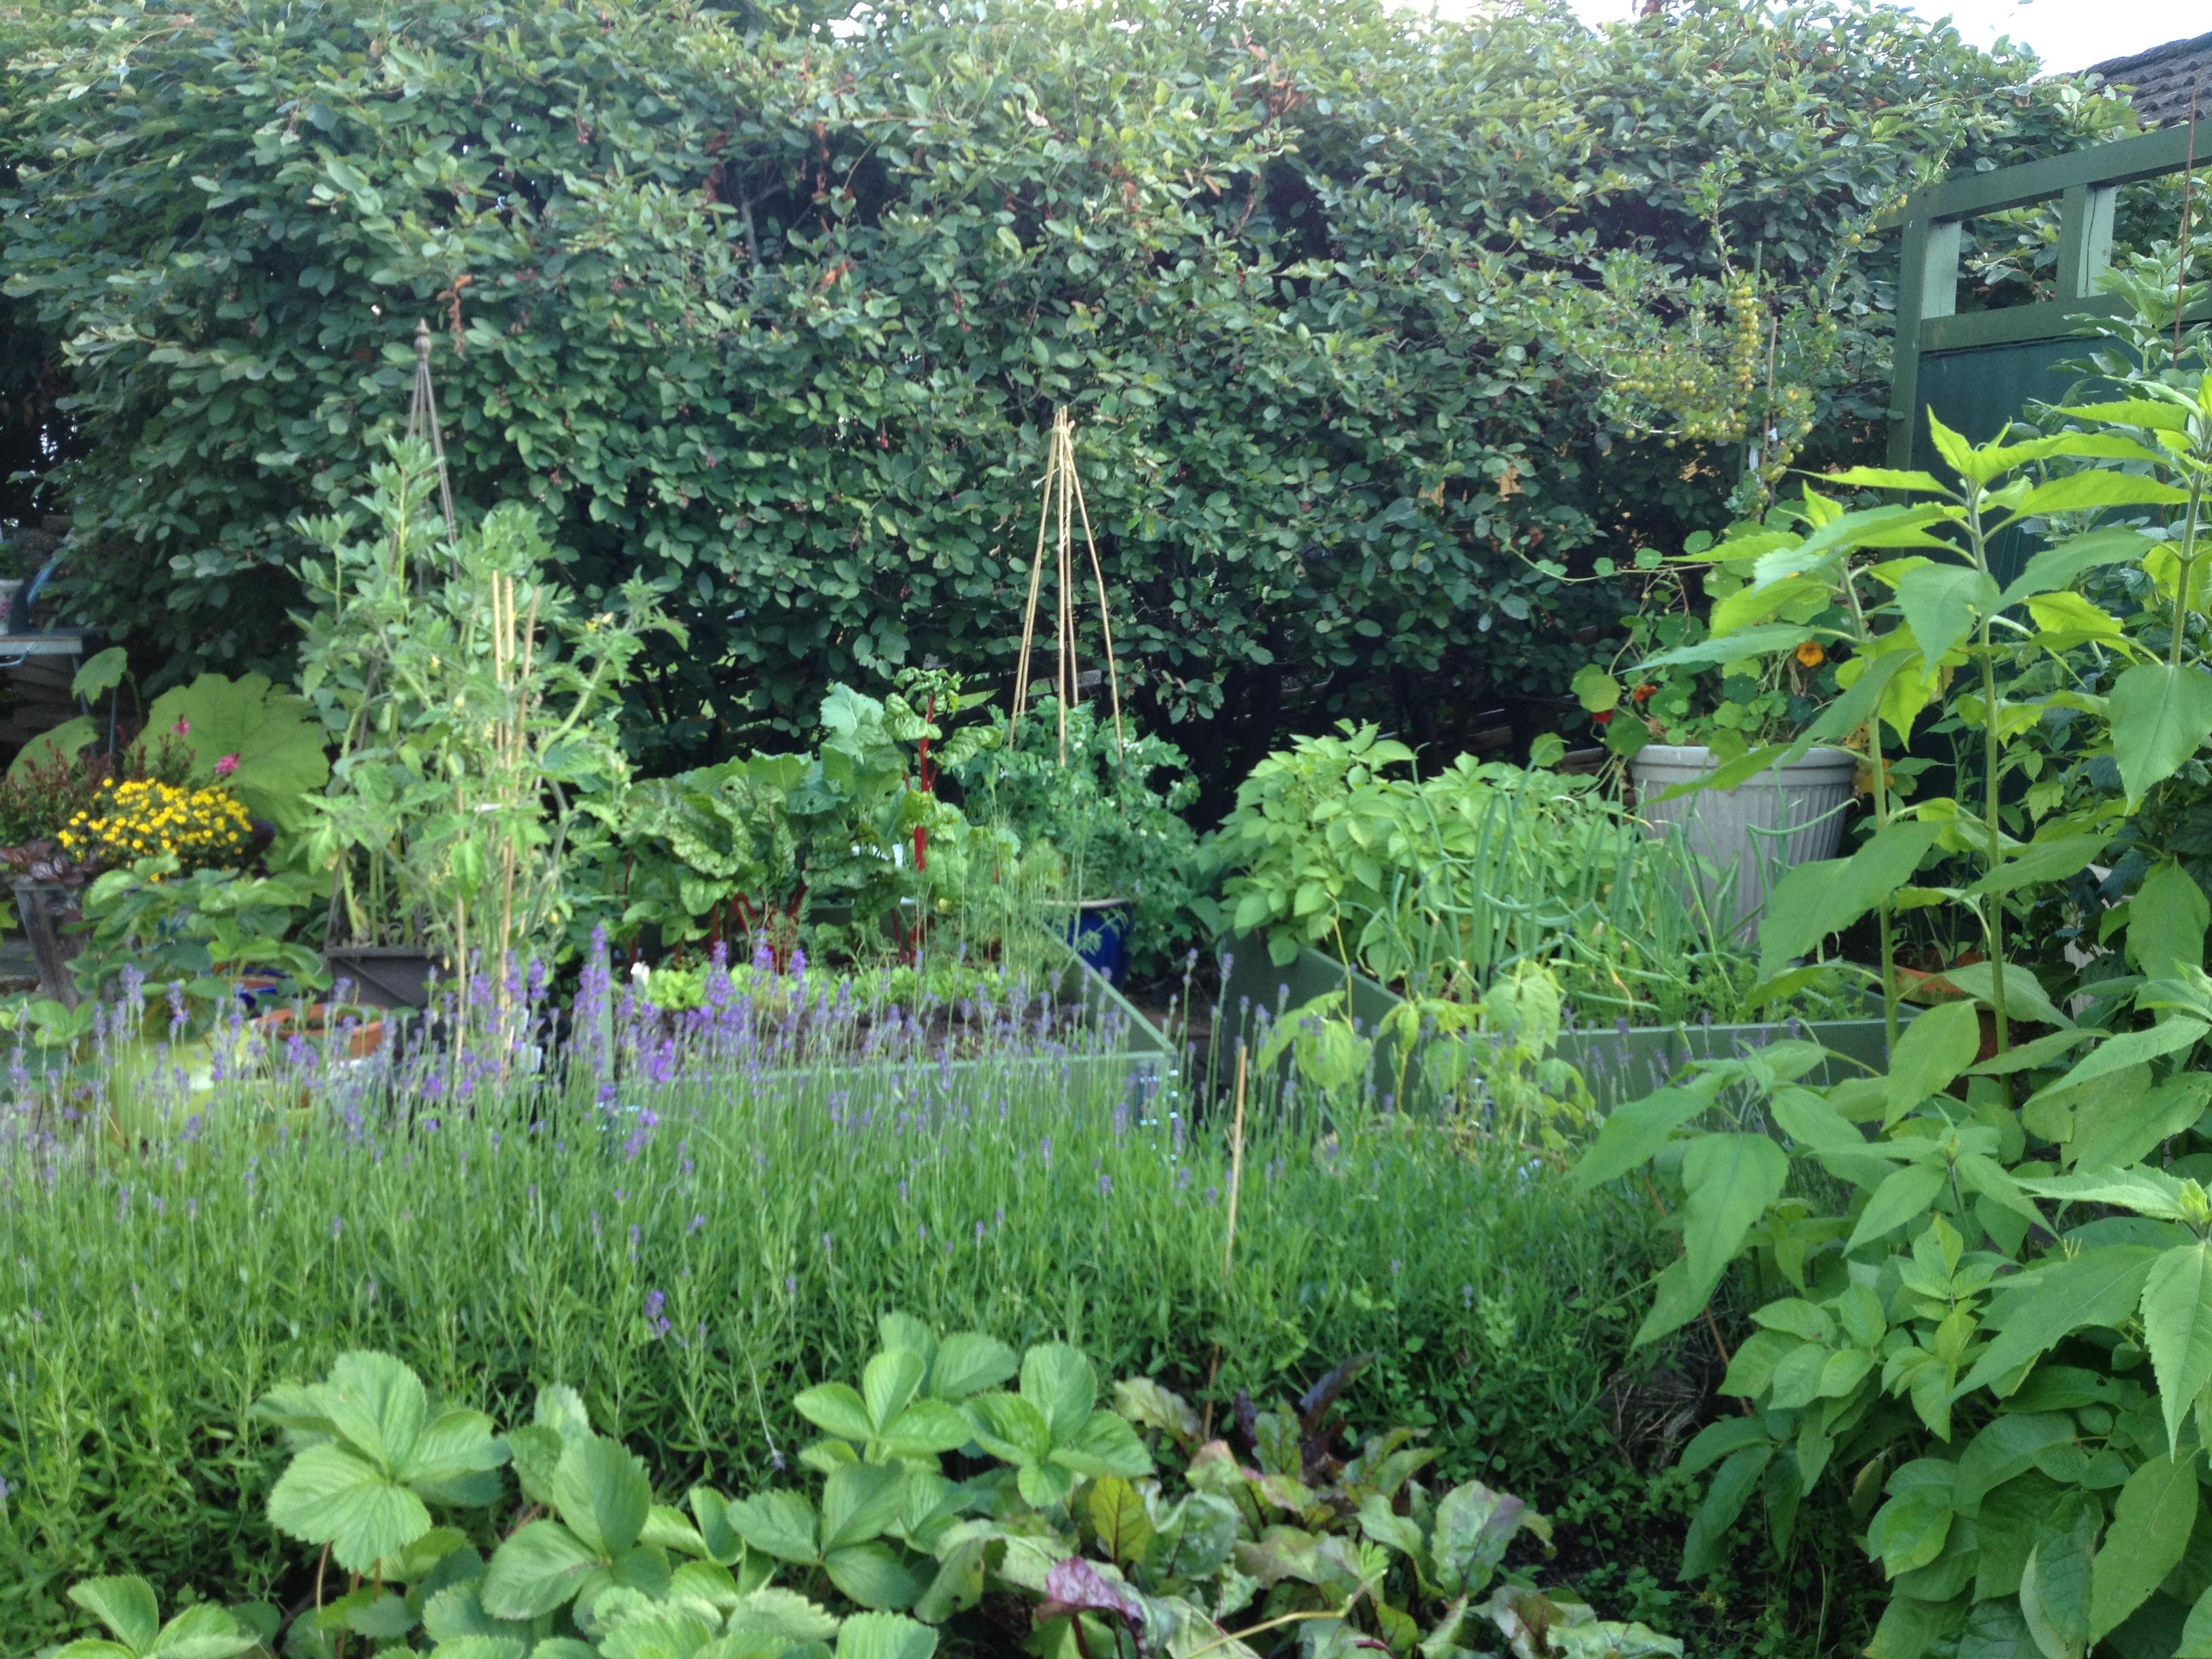 Luna eks trädgårdsblogg   sida 54 av 67   trädgård ...